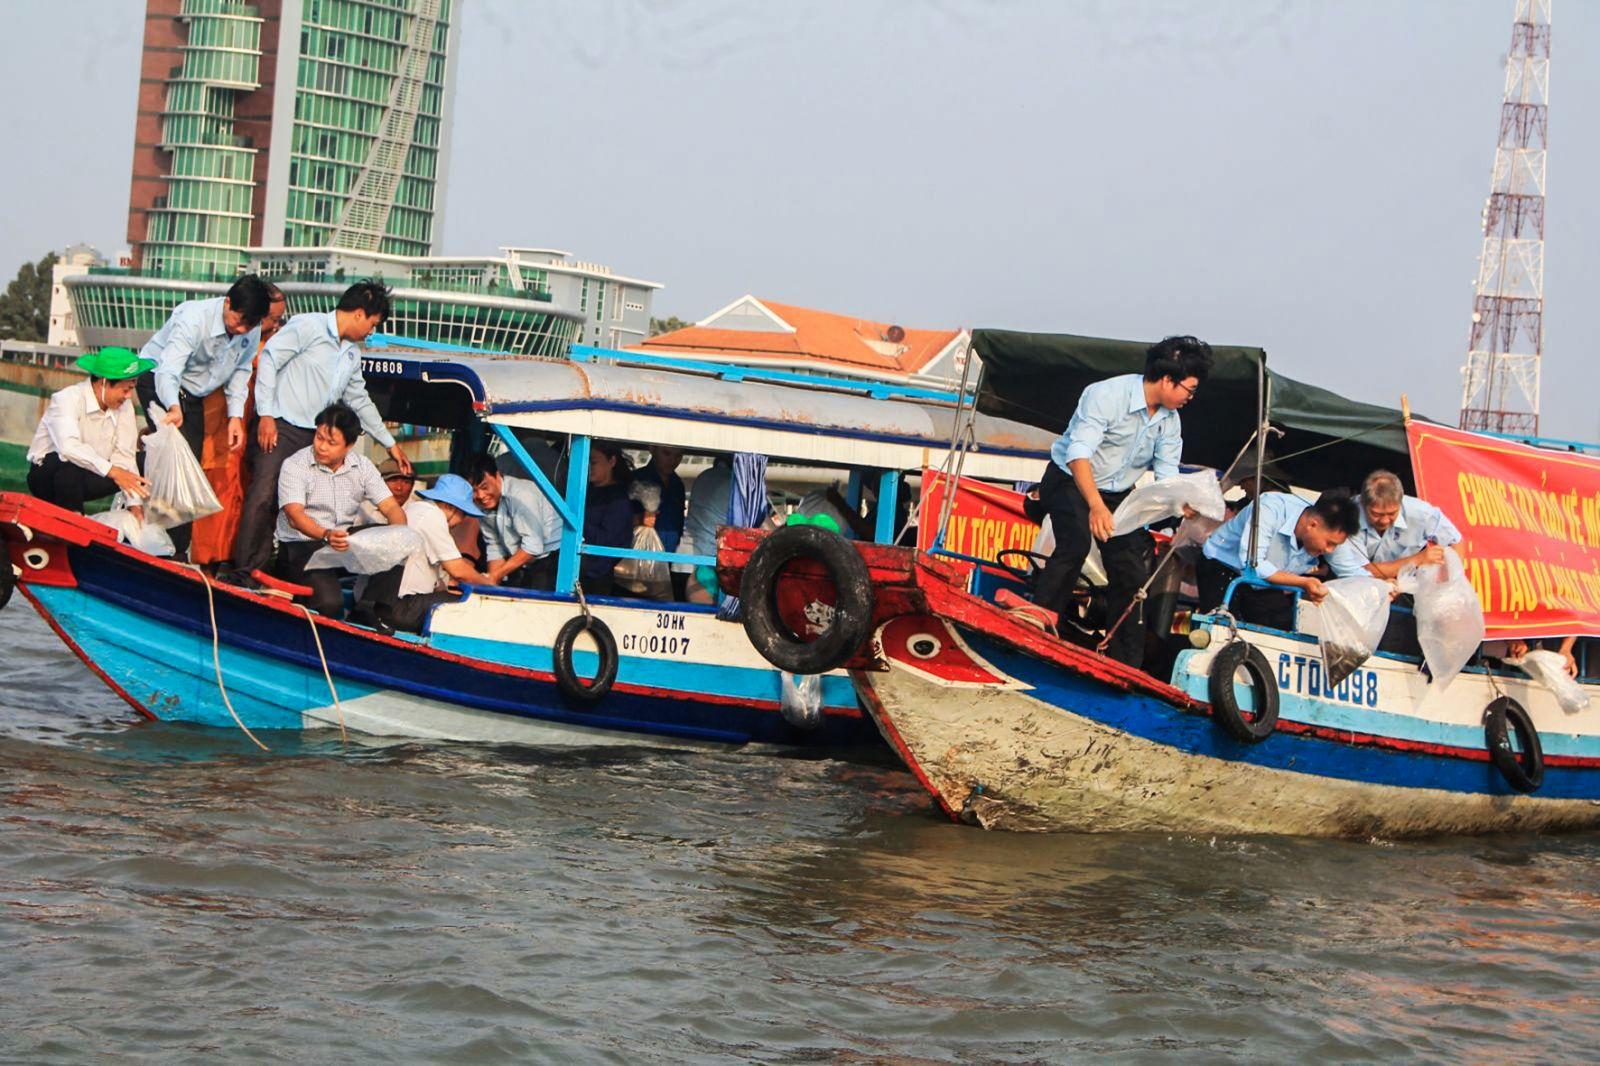 Sở NN&PTNT TP Cần Thơ phối hợp các sở ngành thành phố, địa phương và các tổ chức, cá nhân tiến hành thả hơn 3 tấn cá vào tự nhiên vào sáng ngày 1-4. Ảnh: KHÁNH TRUNG